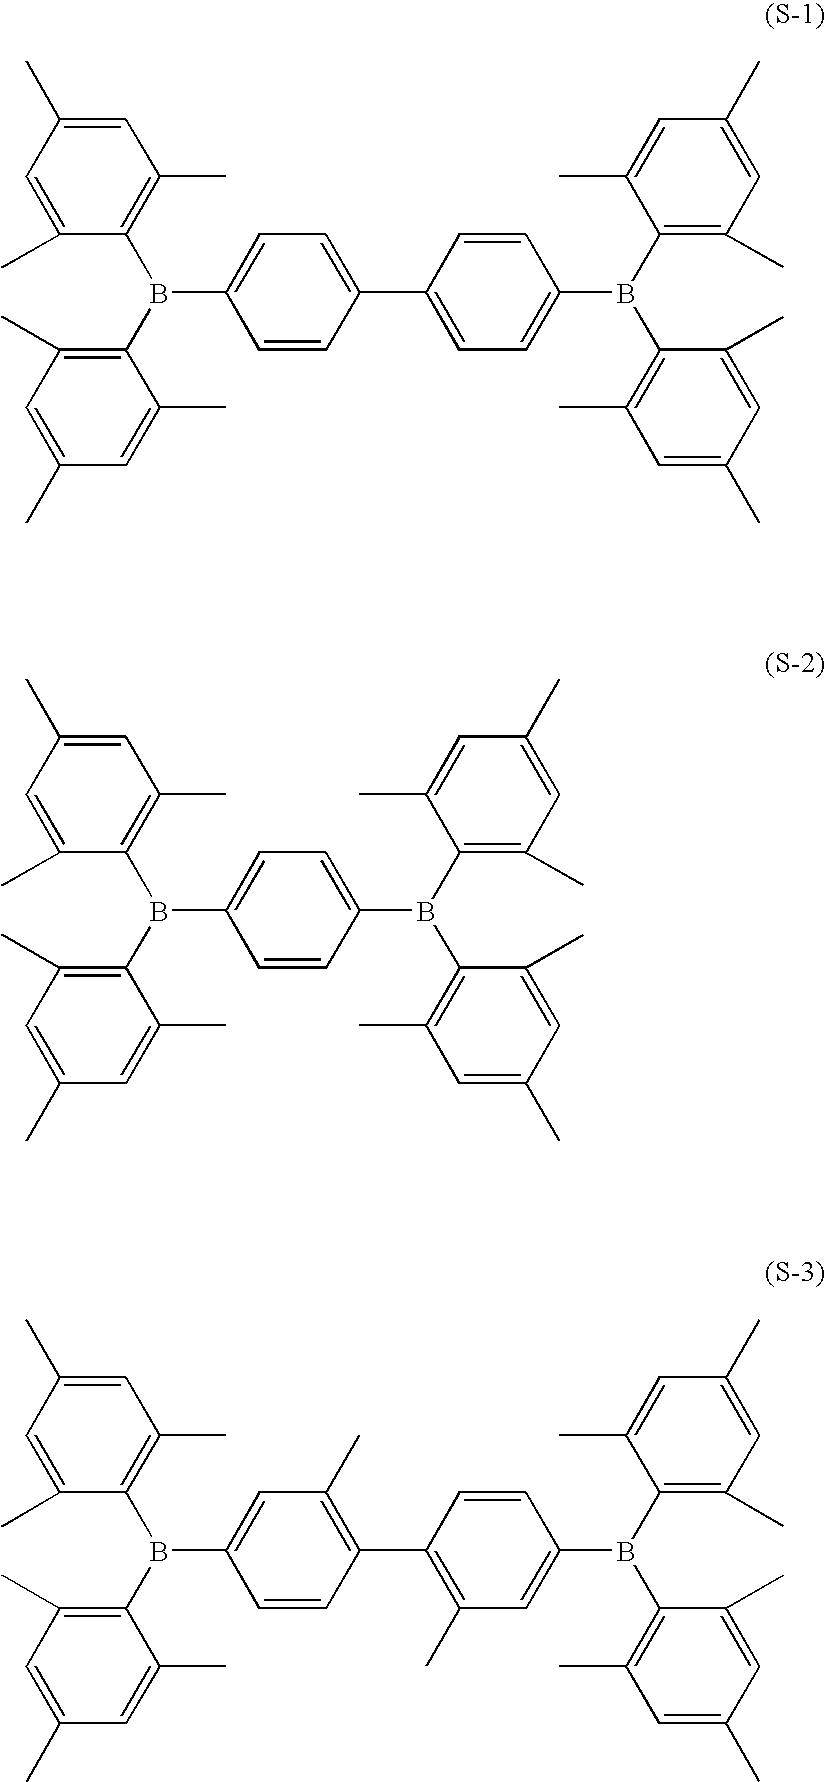 Figure US20090001885A1-20090101-C00060